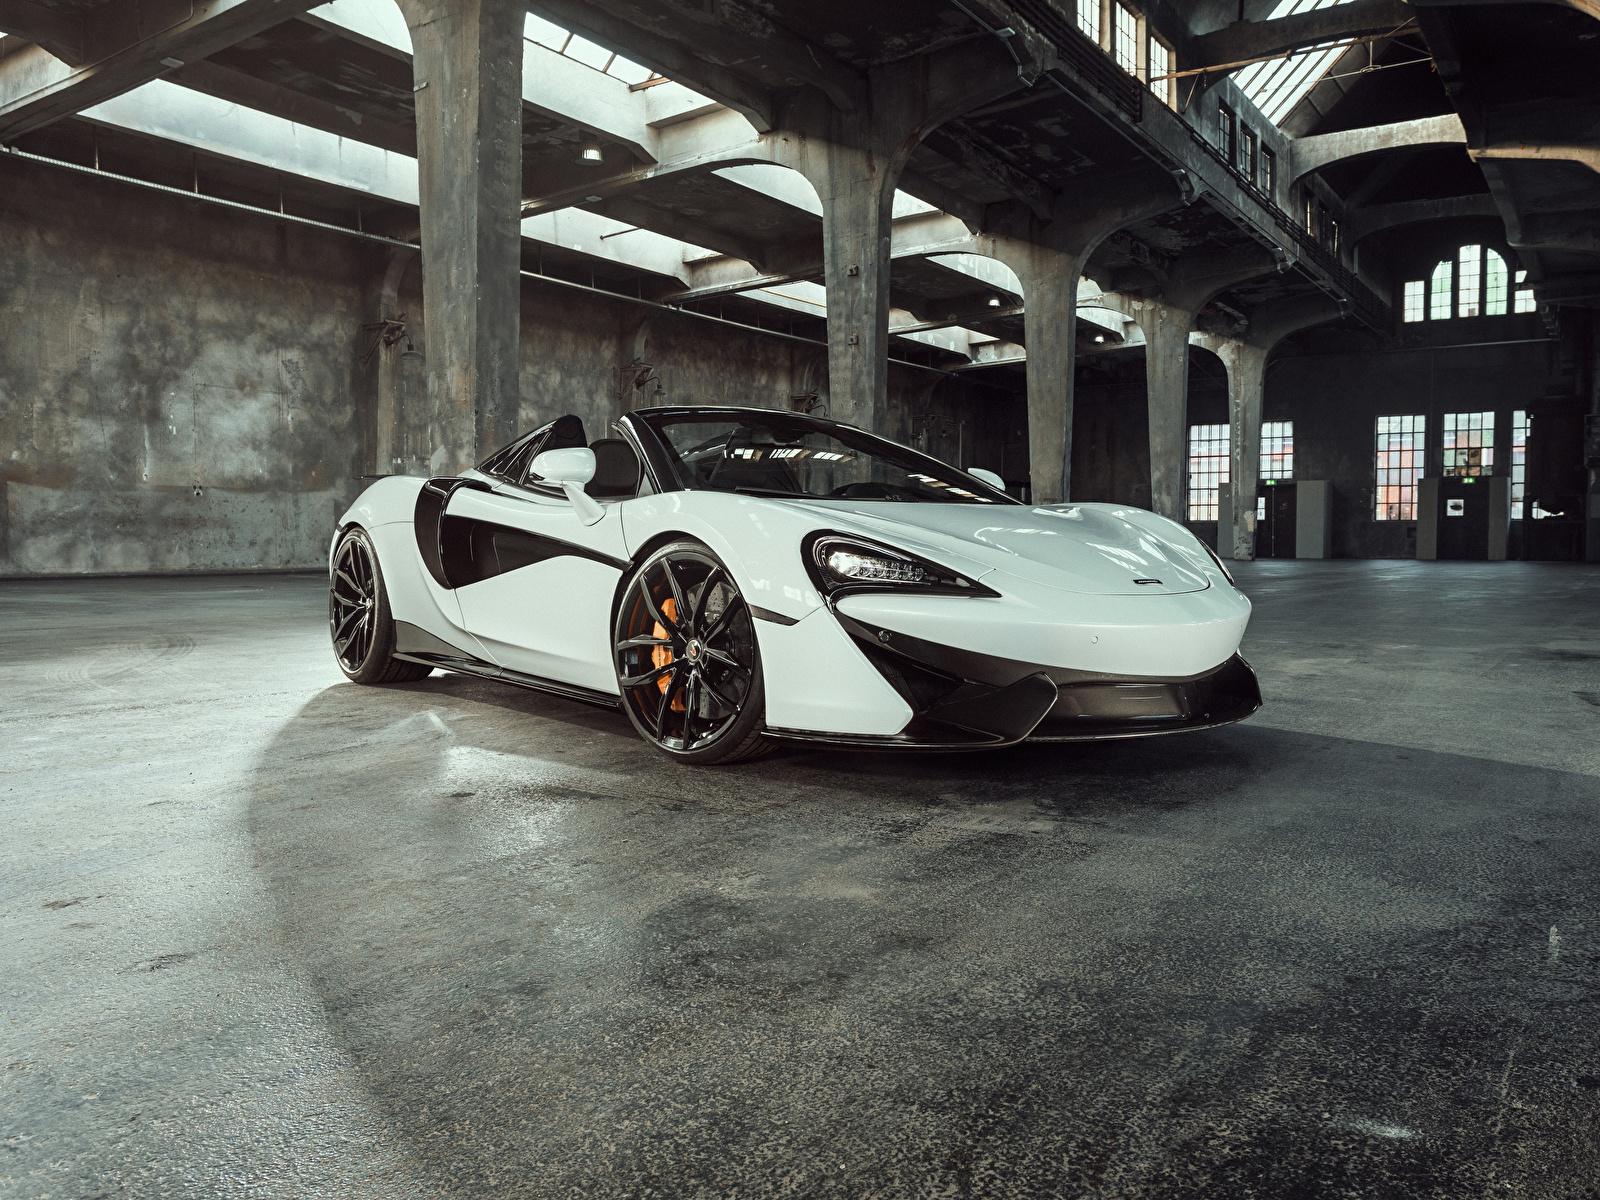 Фотография 2018 McLaren Senna Родстер белая Металлик Автомобили 1600x1200 Макларен белых белые Белый Авто Машины